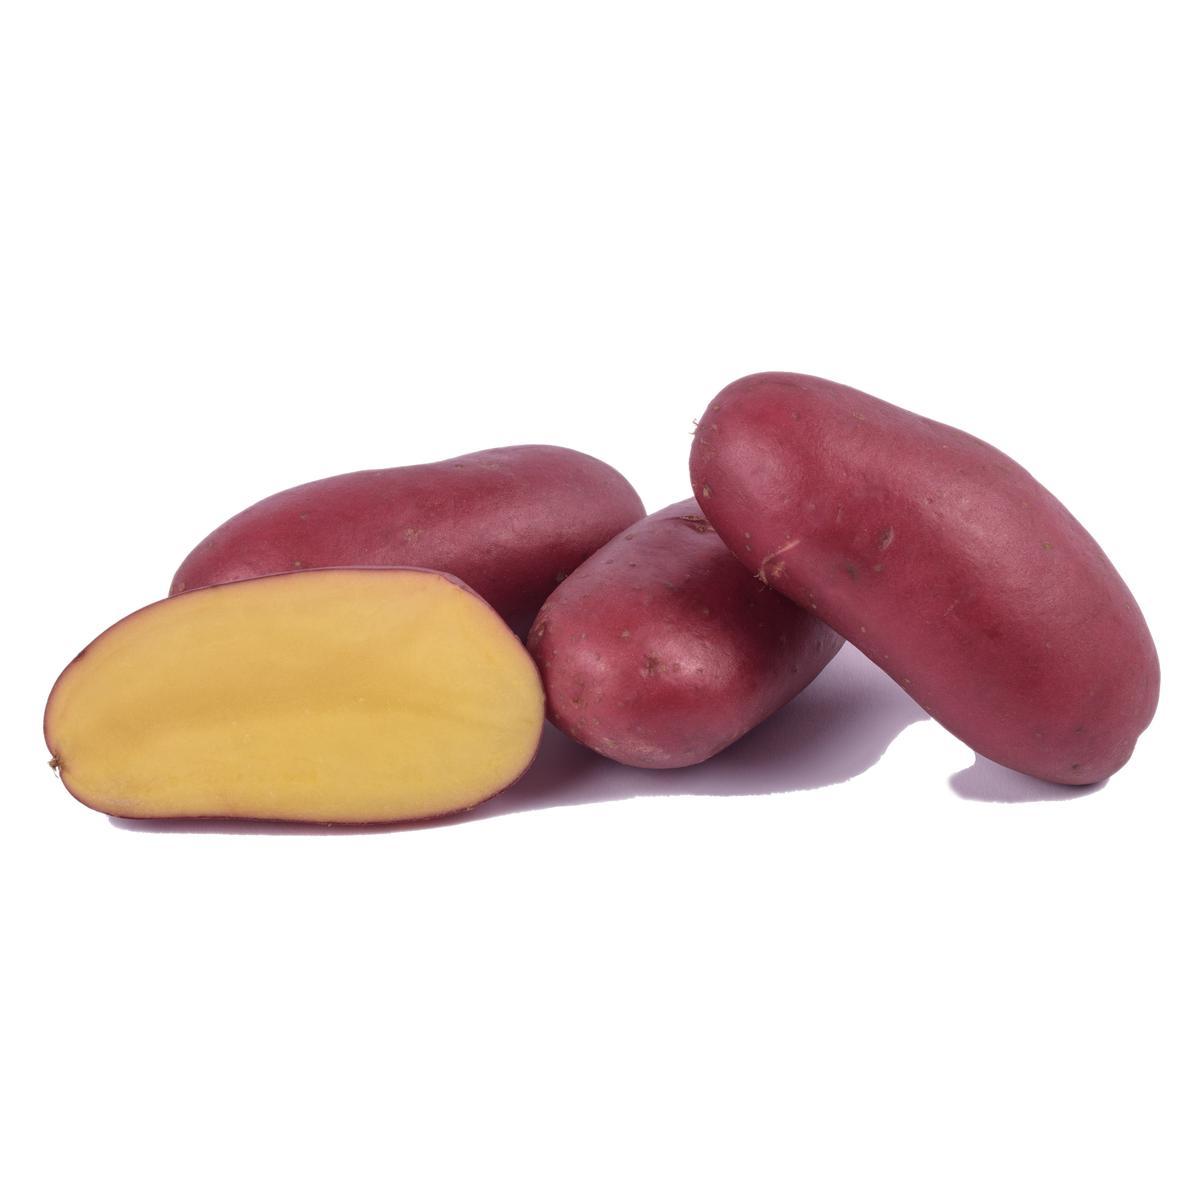 Caisse De Pomme Vide livraison à domicile pomme de terre rouge franceline, caisse de 6kg